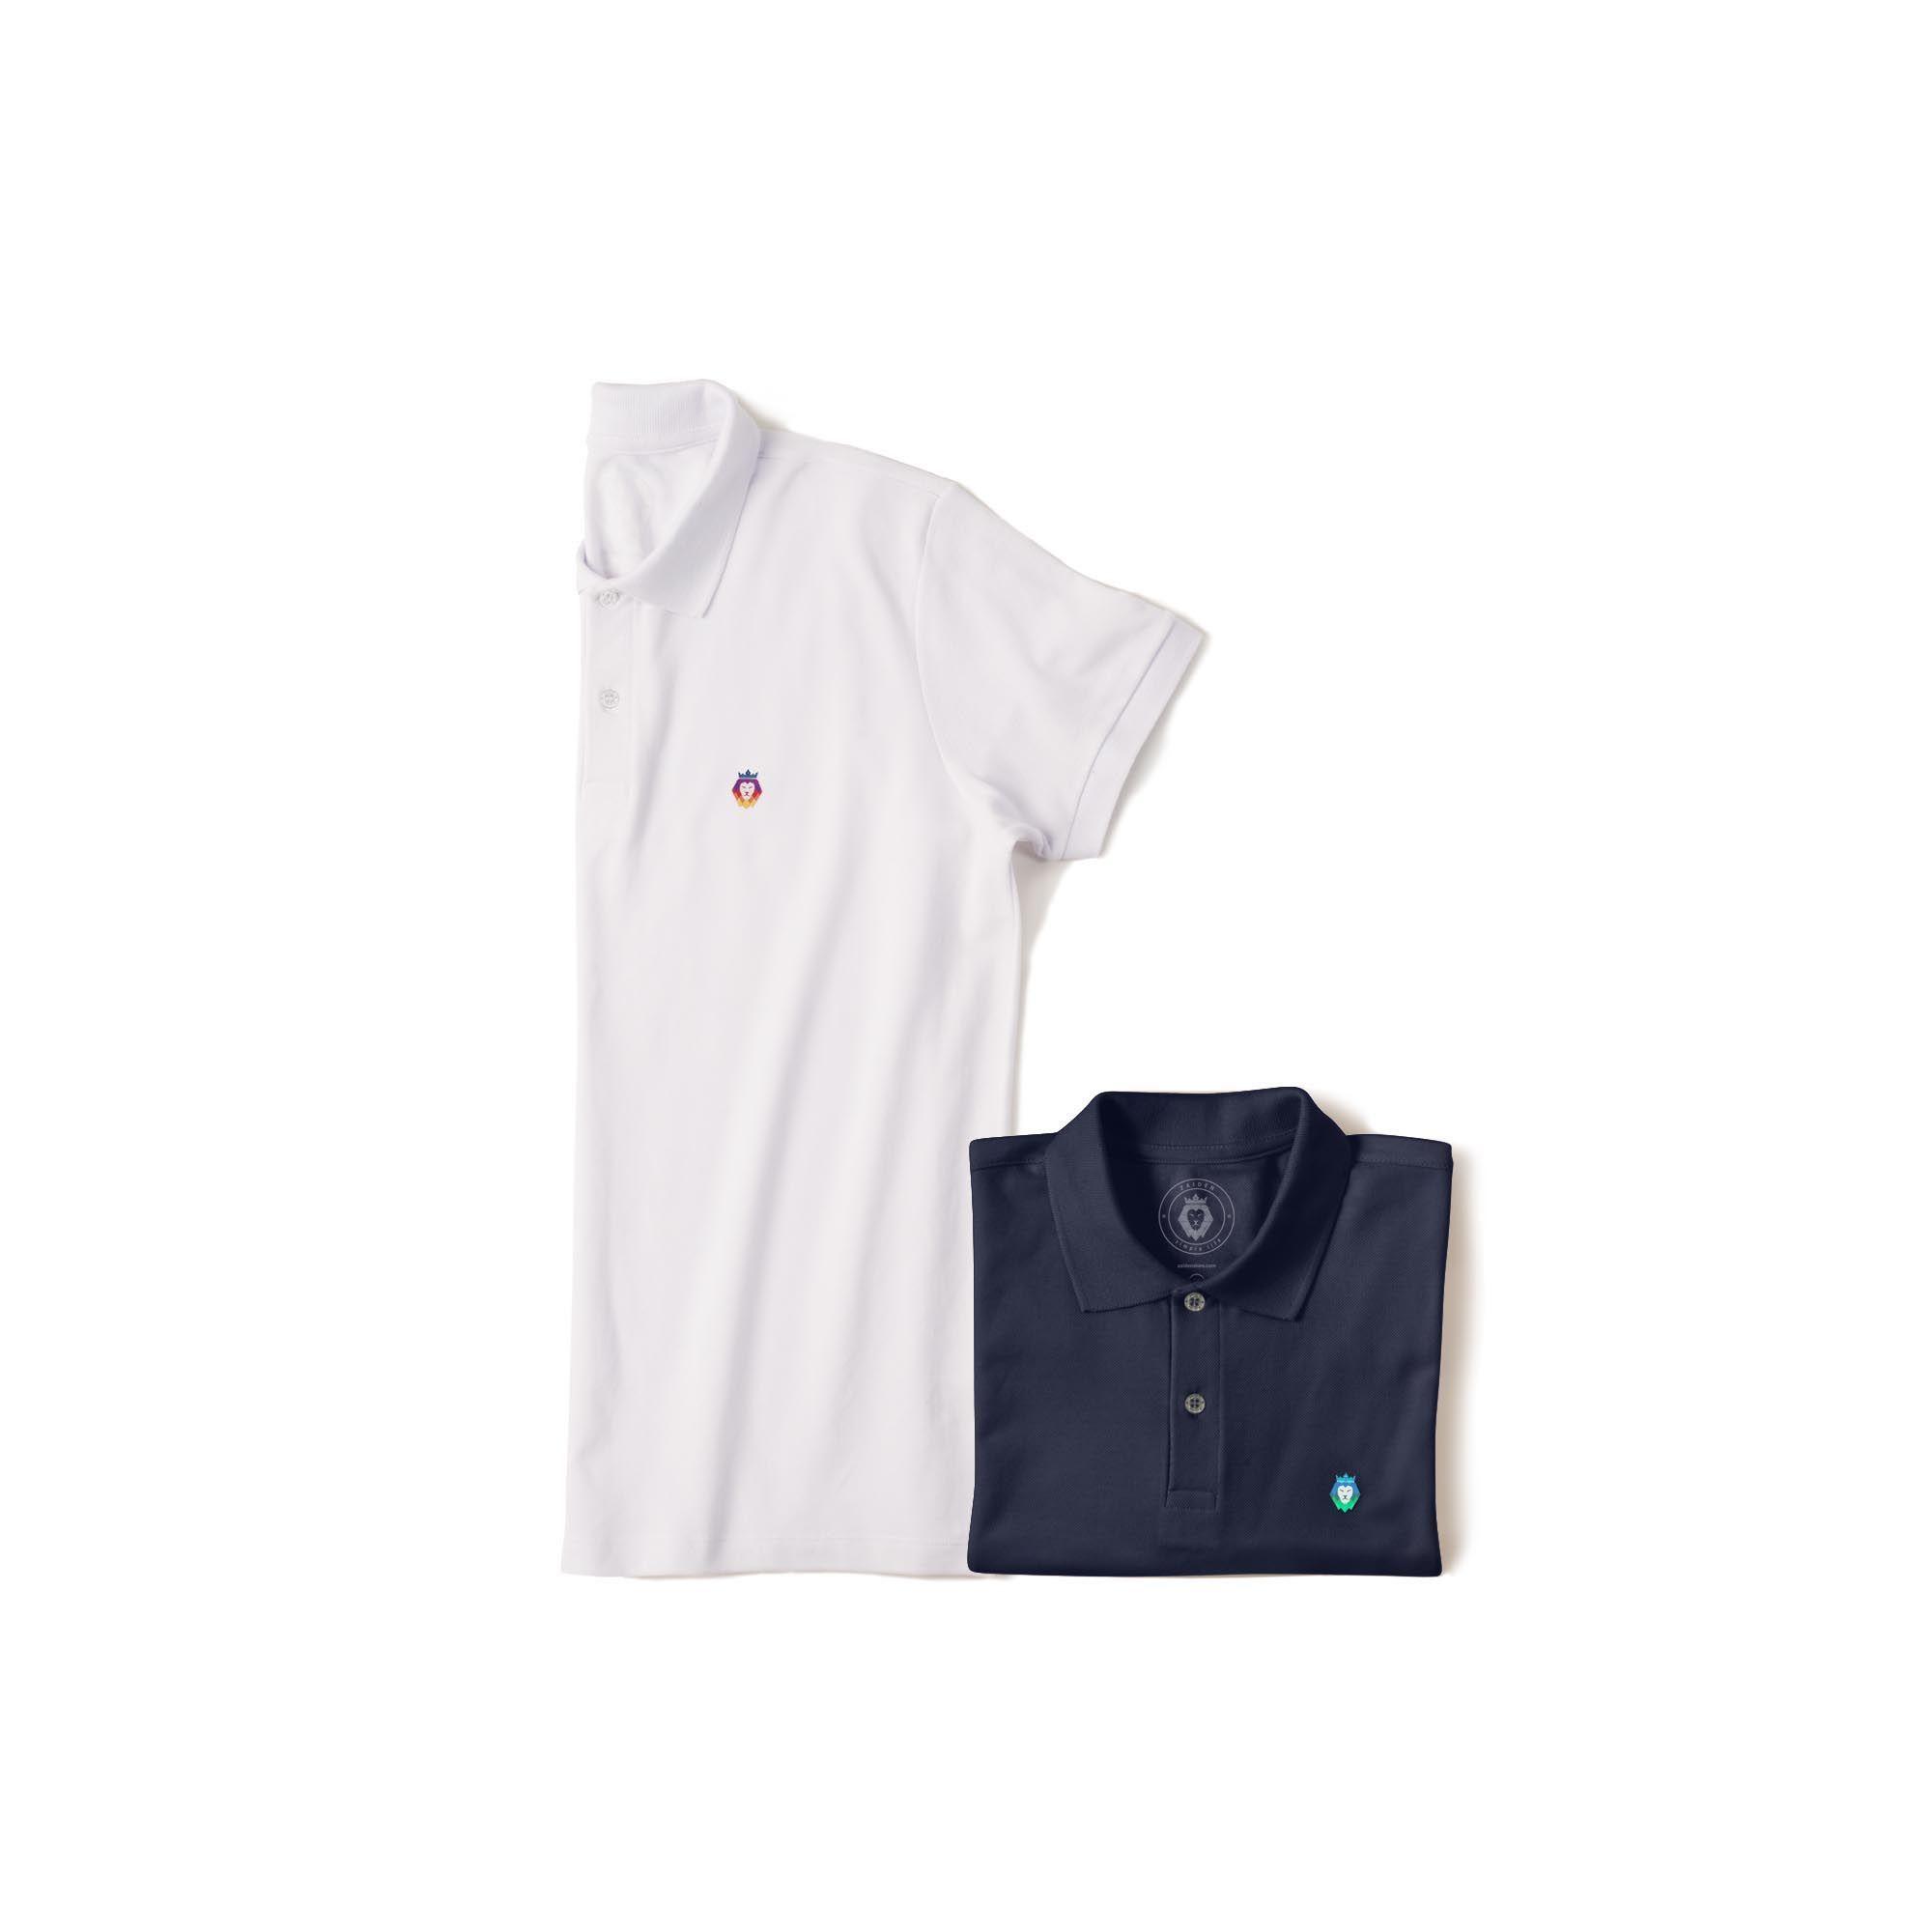 Kit 2 Camisas Polo Basic Zaiden Azul Marinho Branca  Masculina